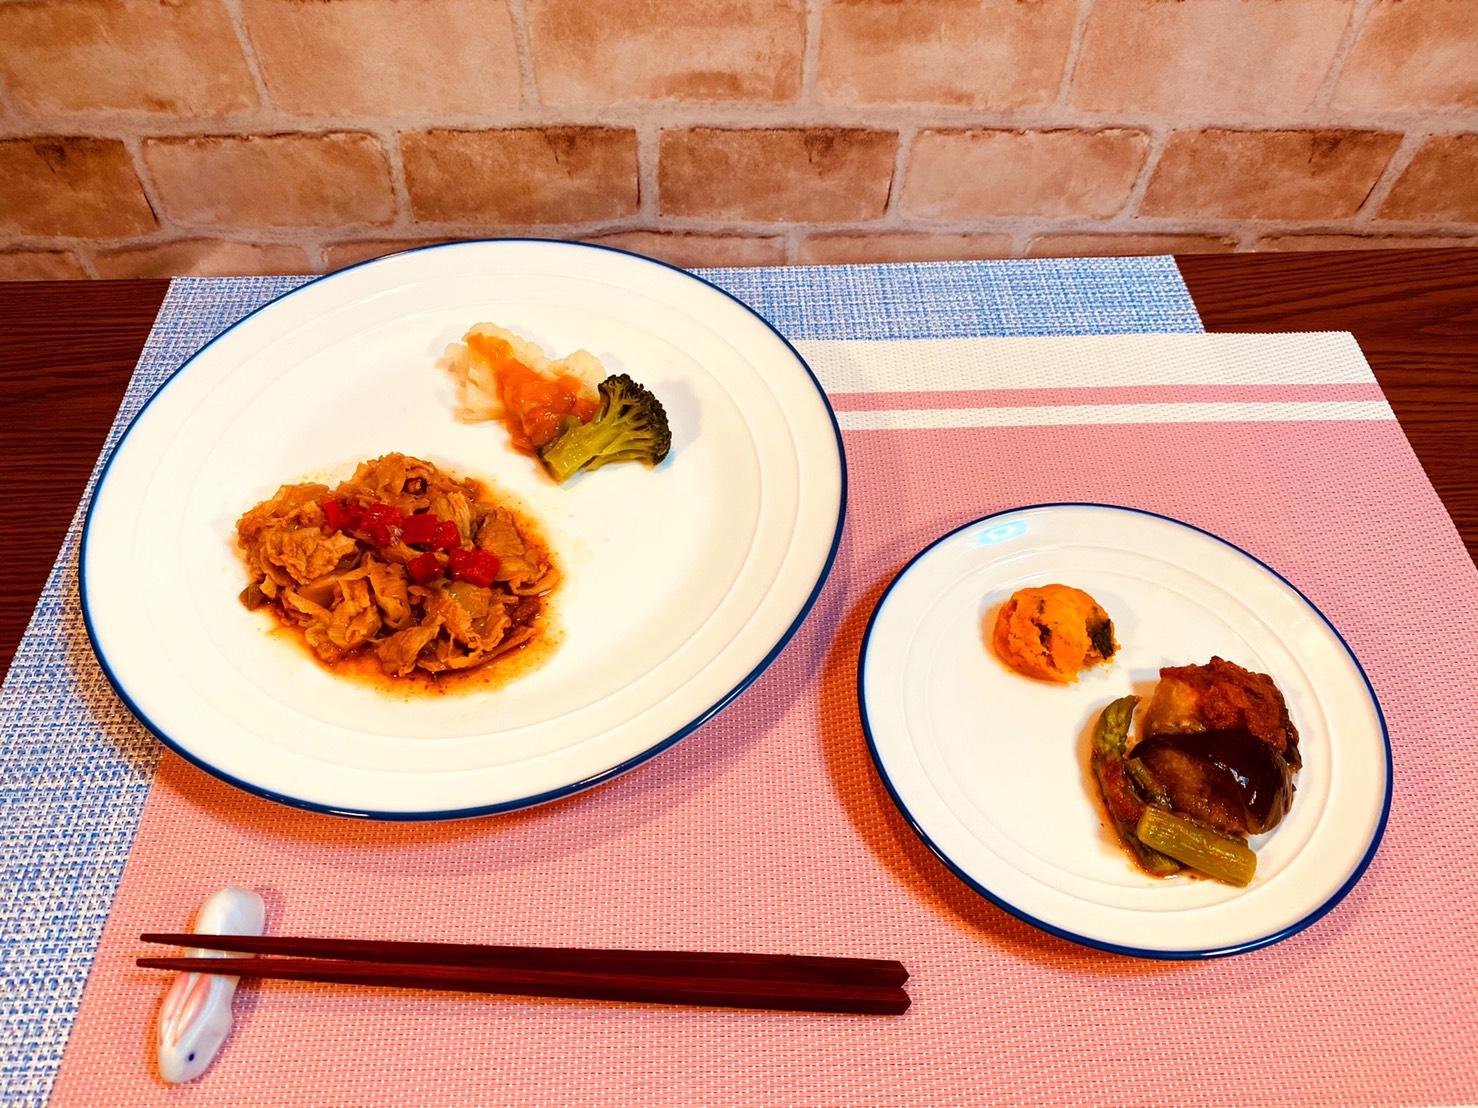 (メニューの一例)ホイコーロー、カリフラワーとブロッコリーの煮物、なすと牛肉の煮物、カボチャ煮